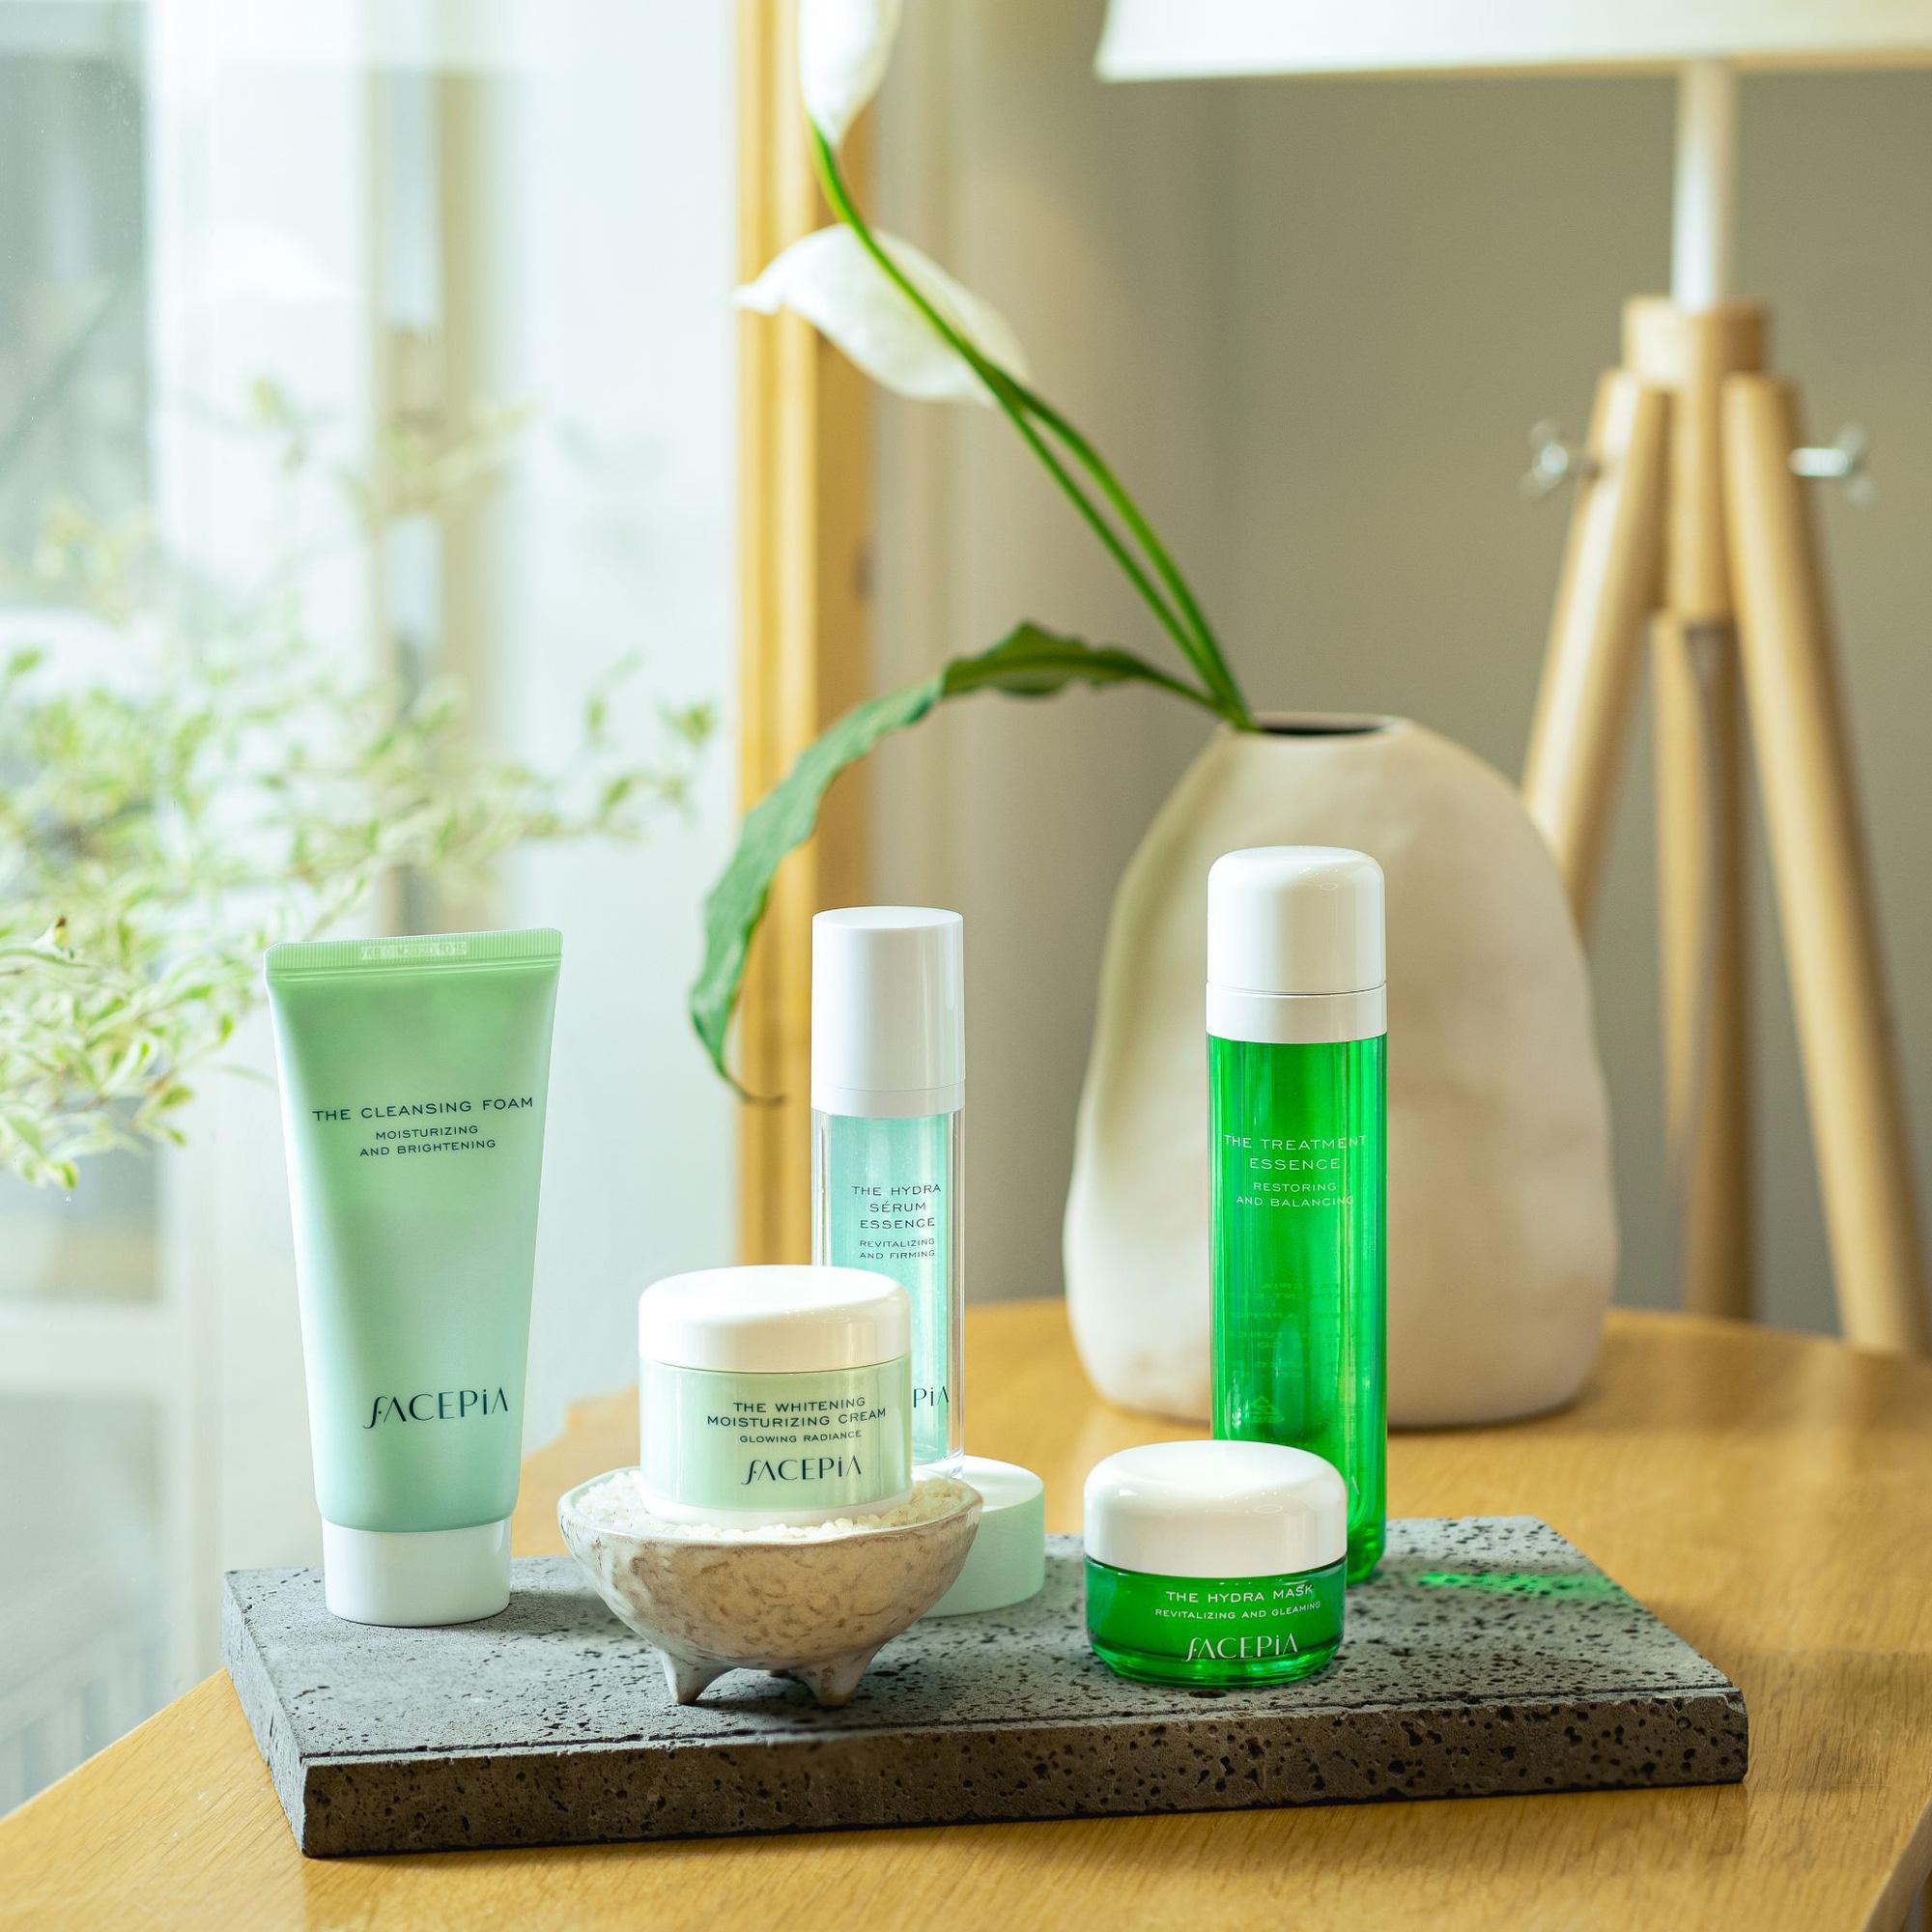 Lối đi khác biệt của thương hiệu beauty Facepia Vietnam trên TikTok - Ảnh 3.